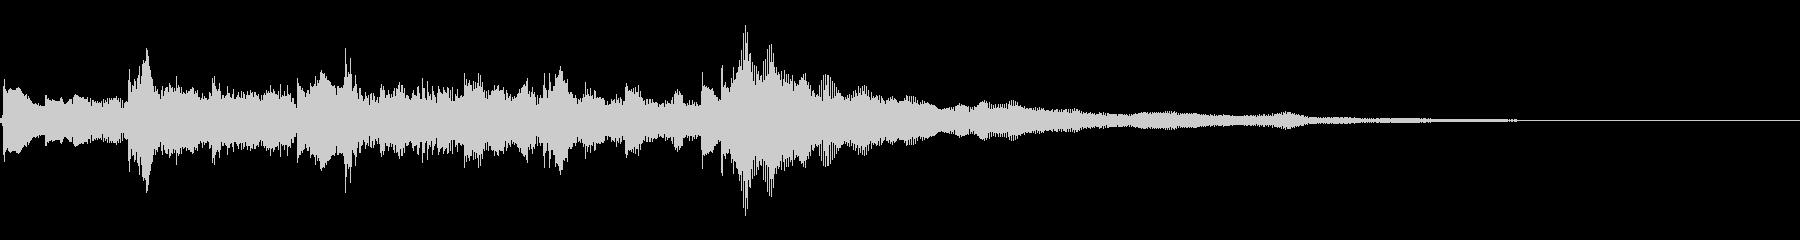 エレキギターのアルペジオです。の未再生の波形